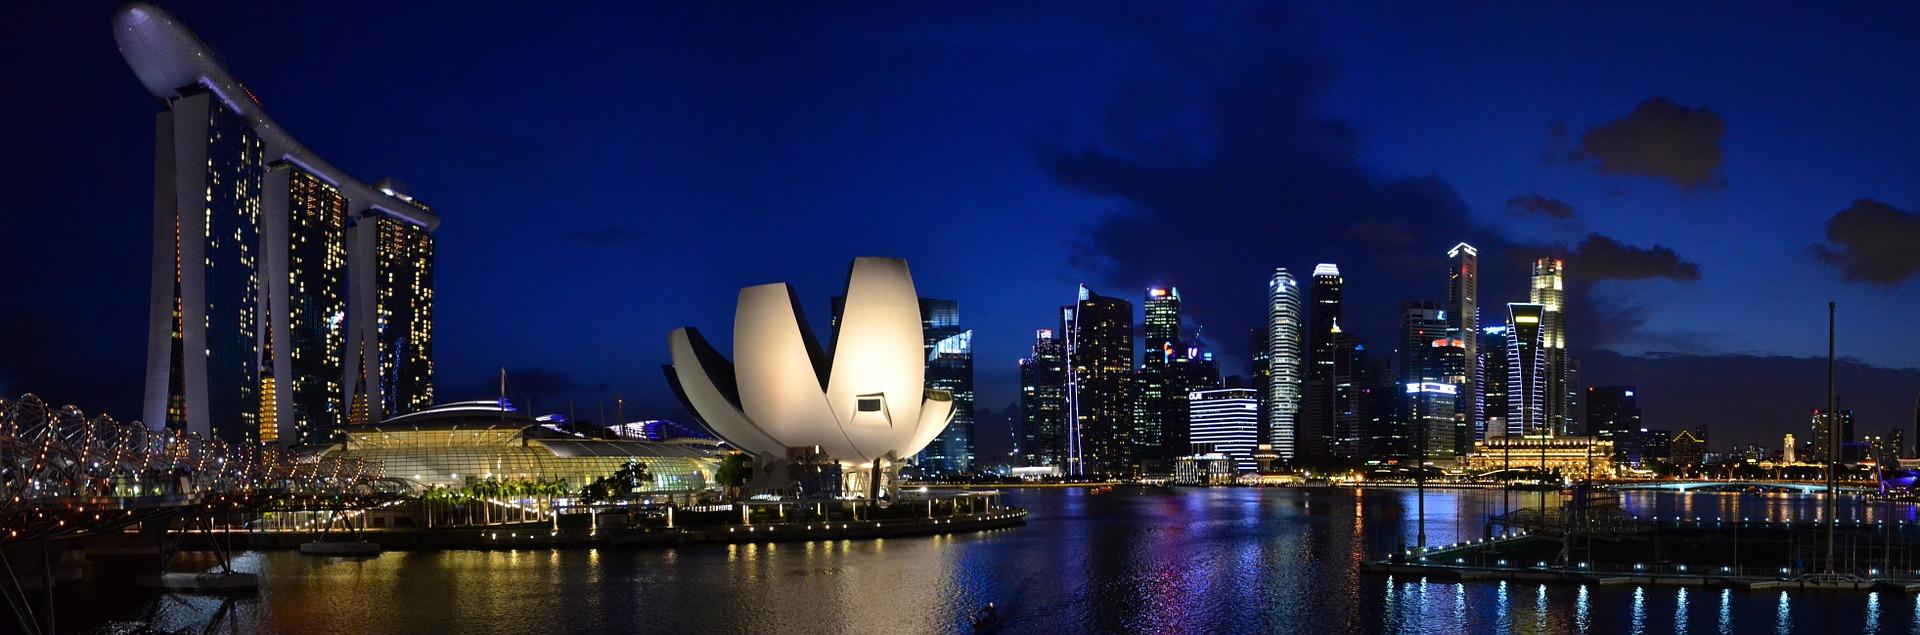 SevenCapital expands business to Singapore